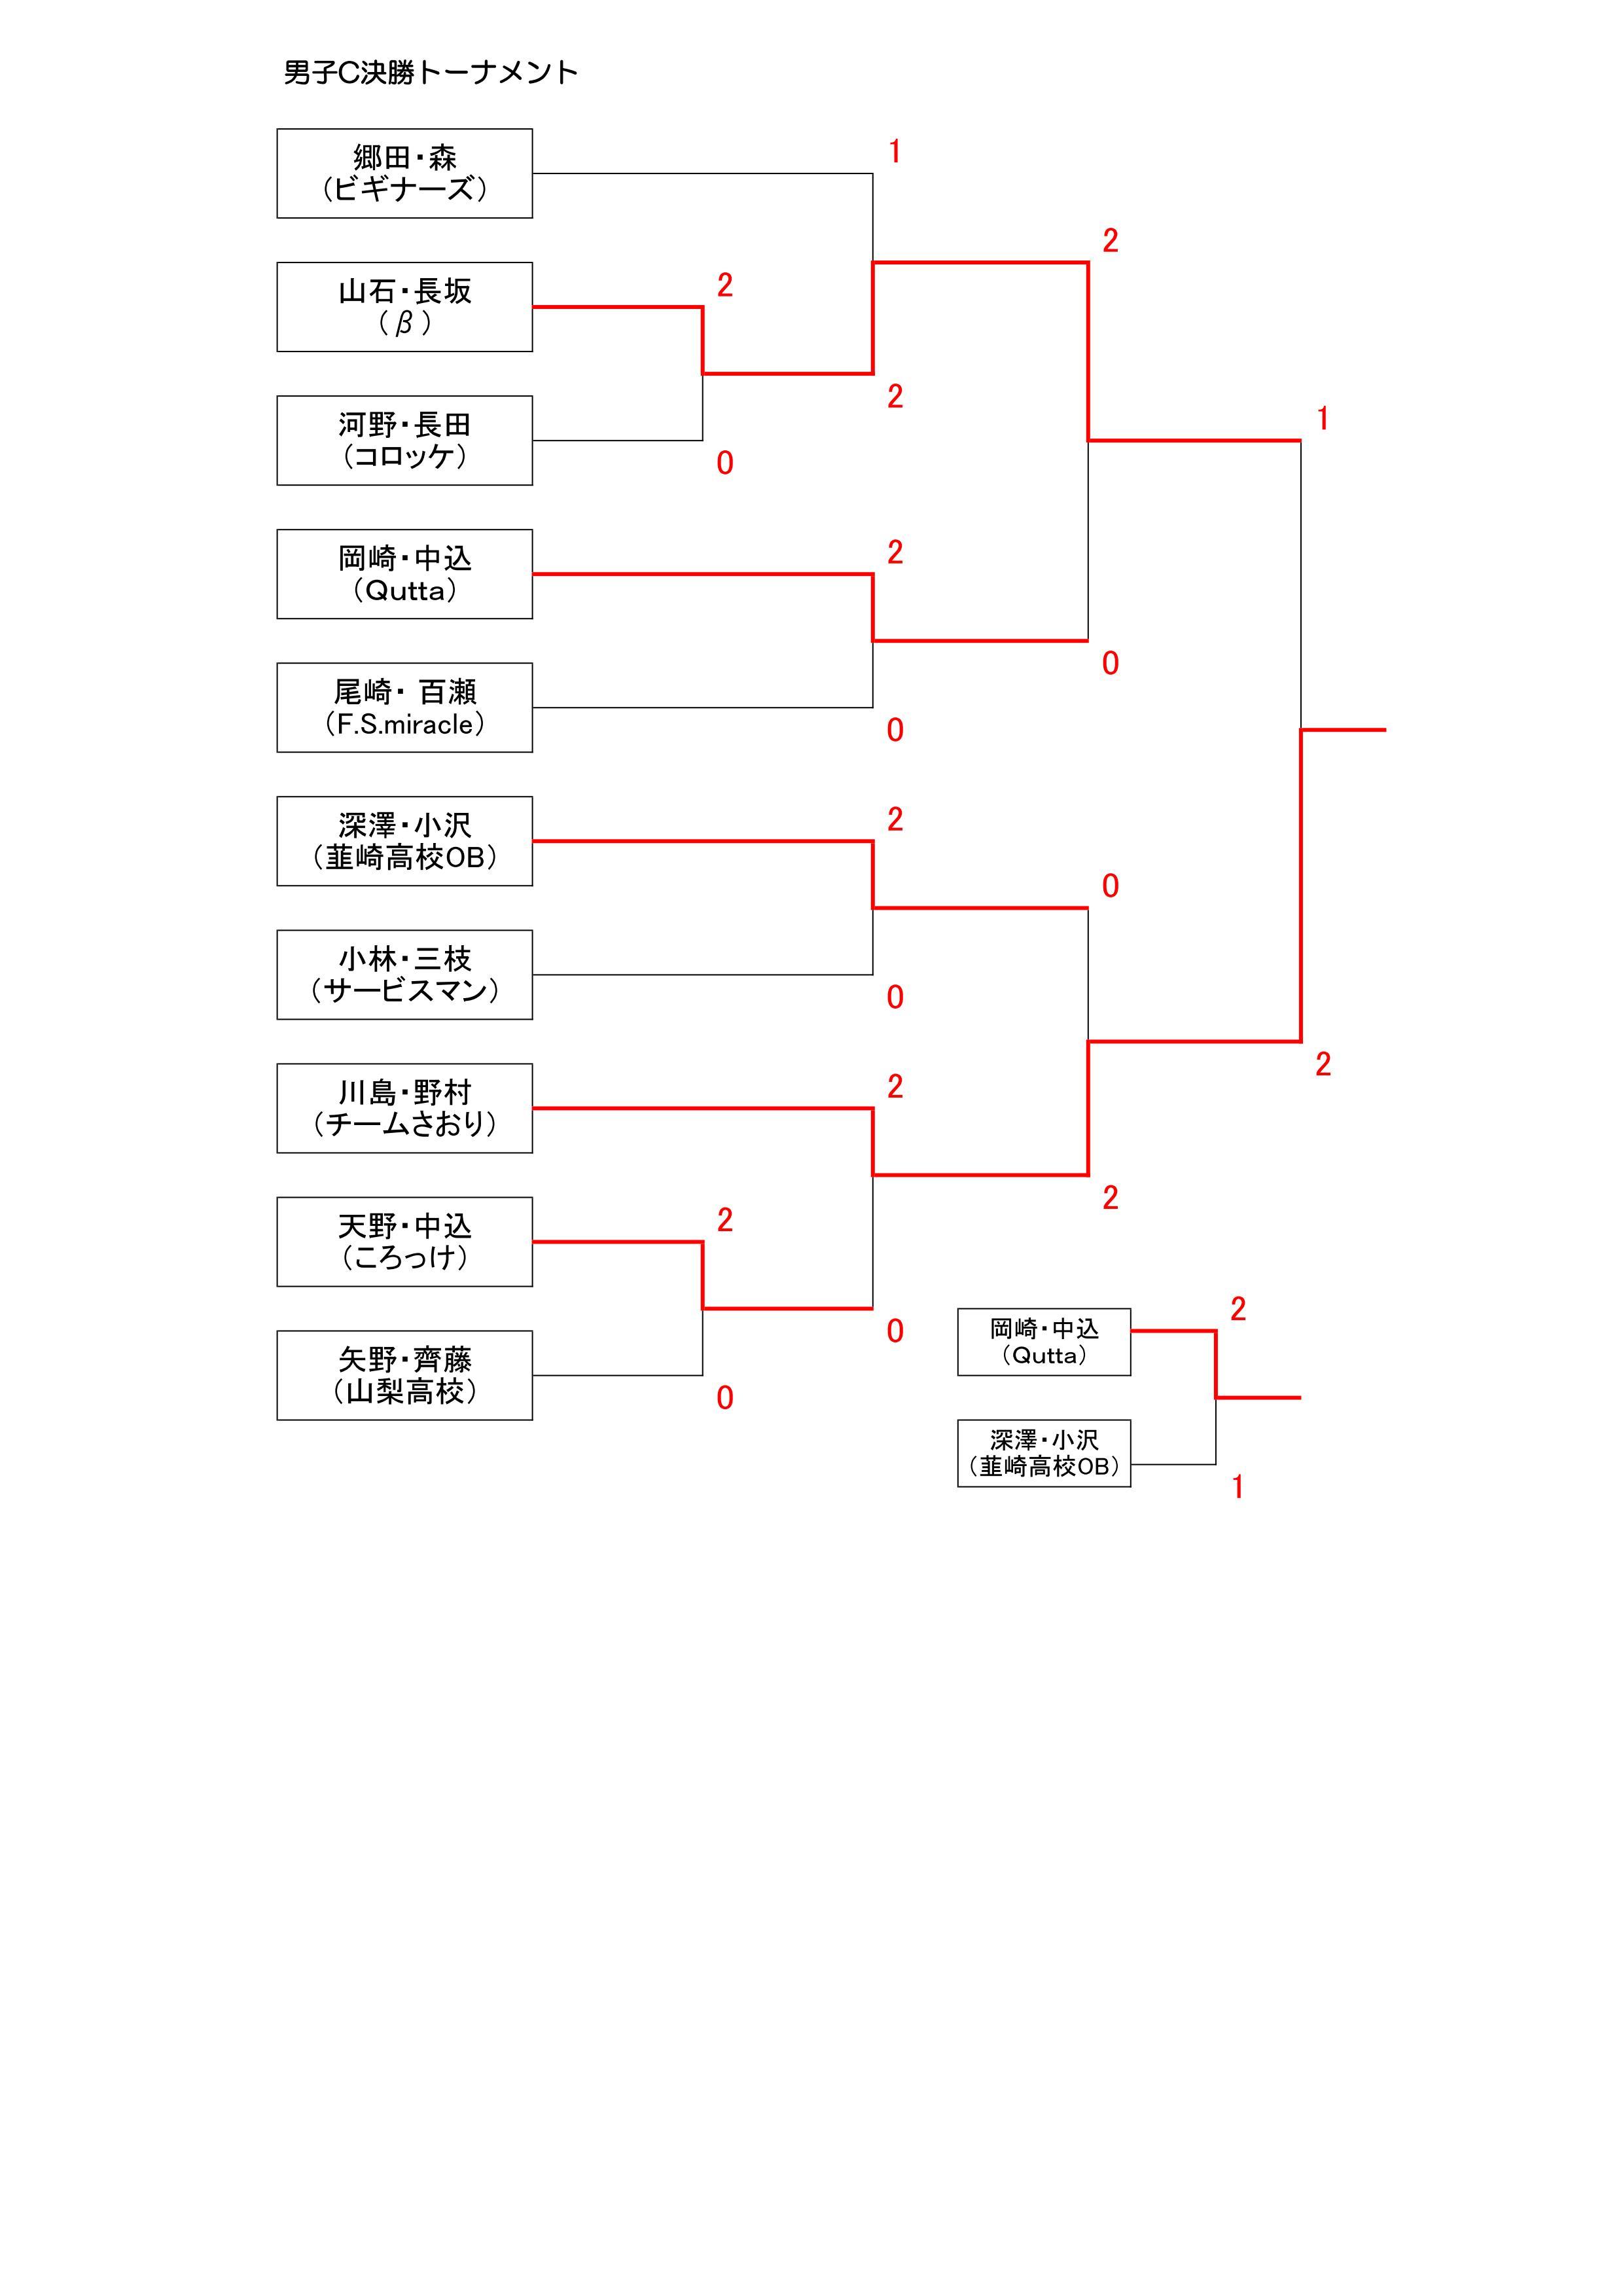 18男子Cトーナメント結果